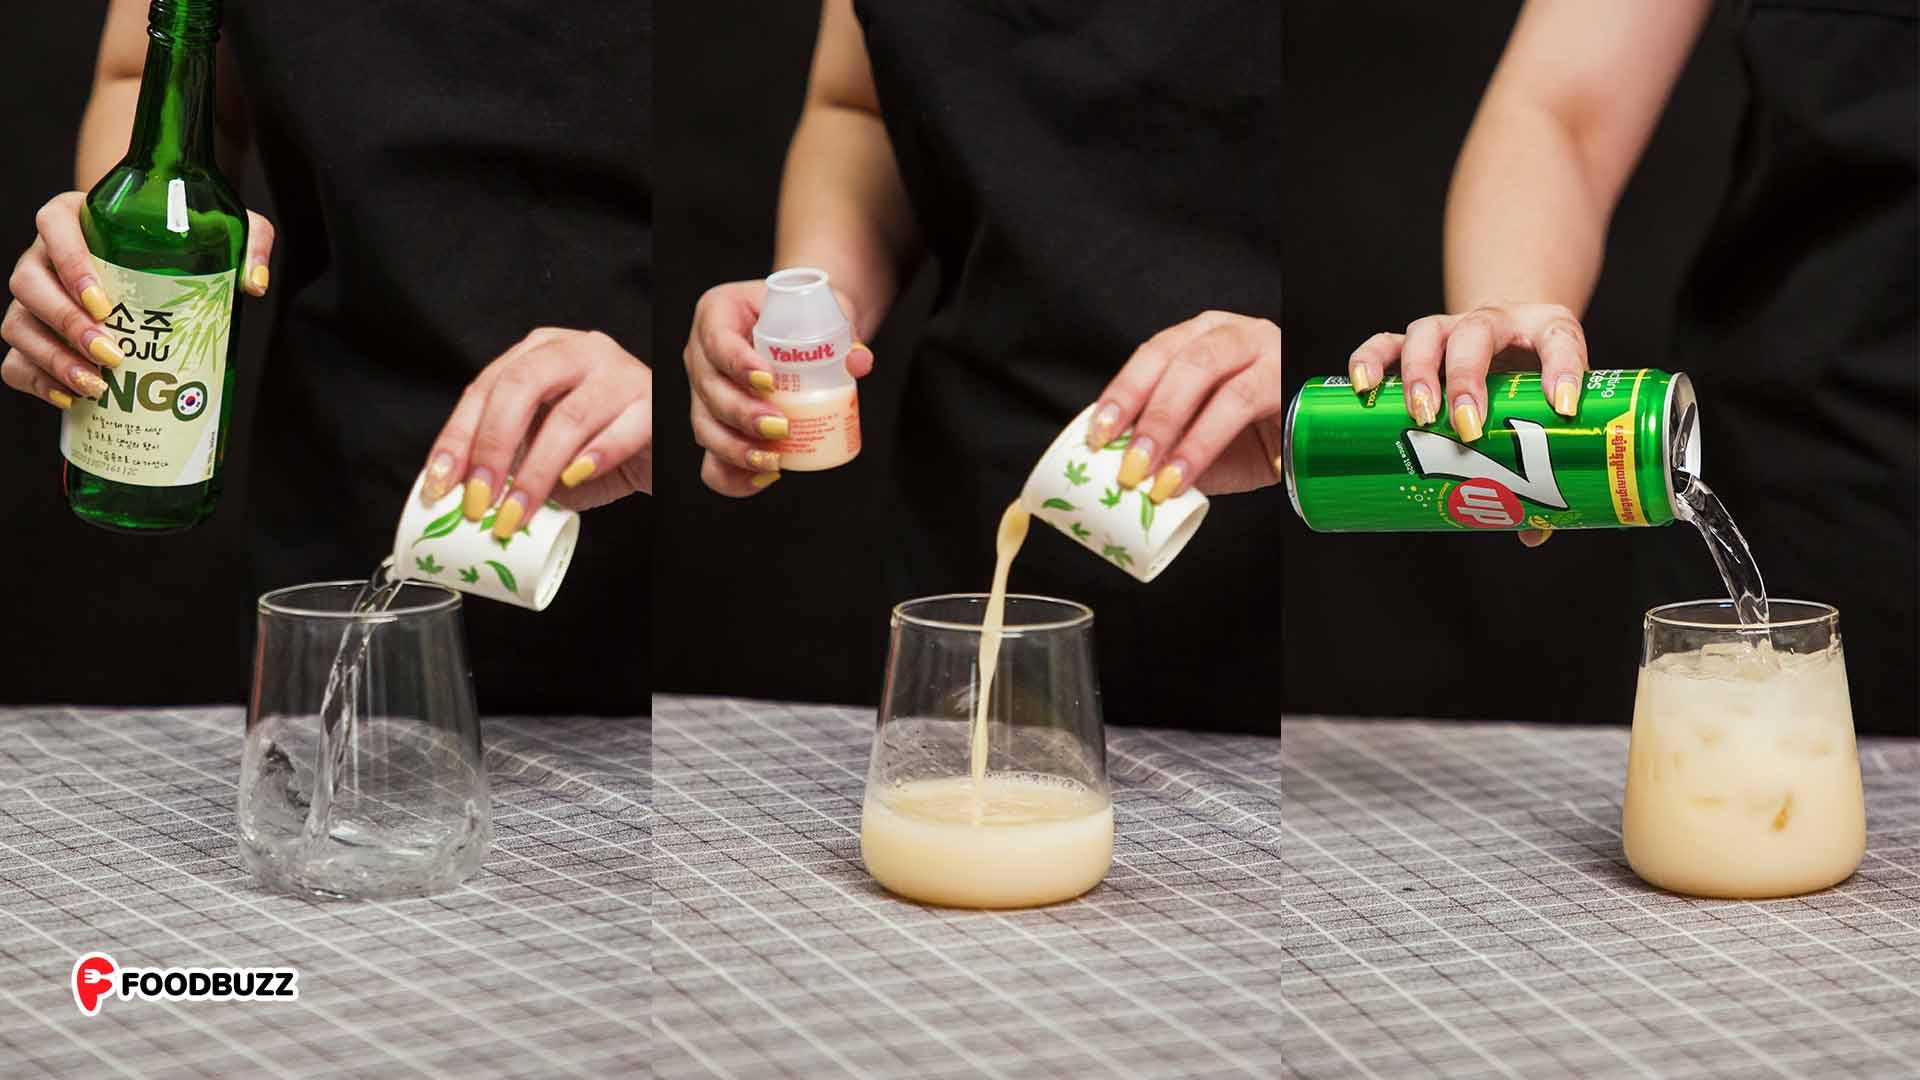 របៀបធ្វើ 7UP Soju Cocktails ពីរប្រភេទនេះ ធានាថាជួយកាត់ស្រ្តេស ថ្ងៃចុងសប្តាហ៍